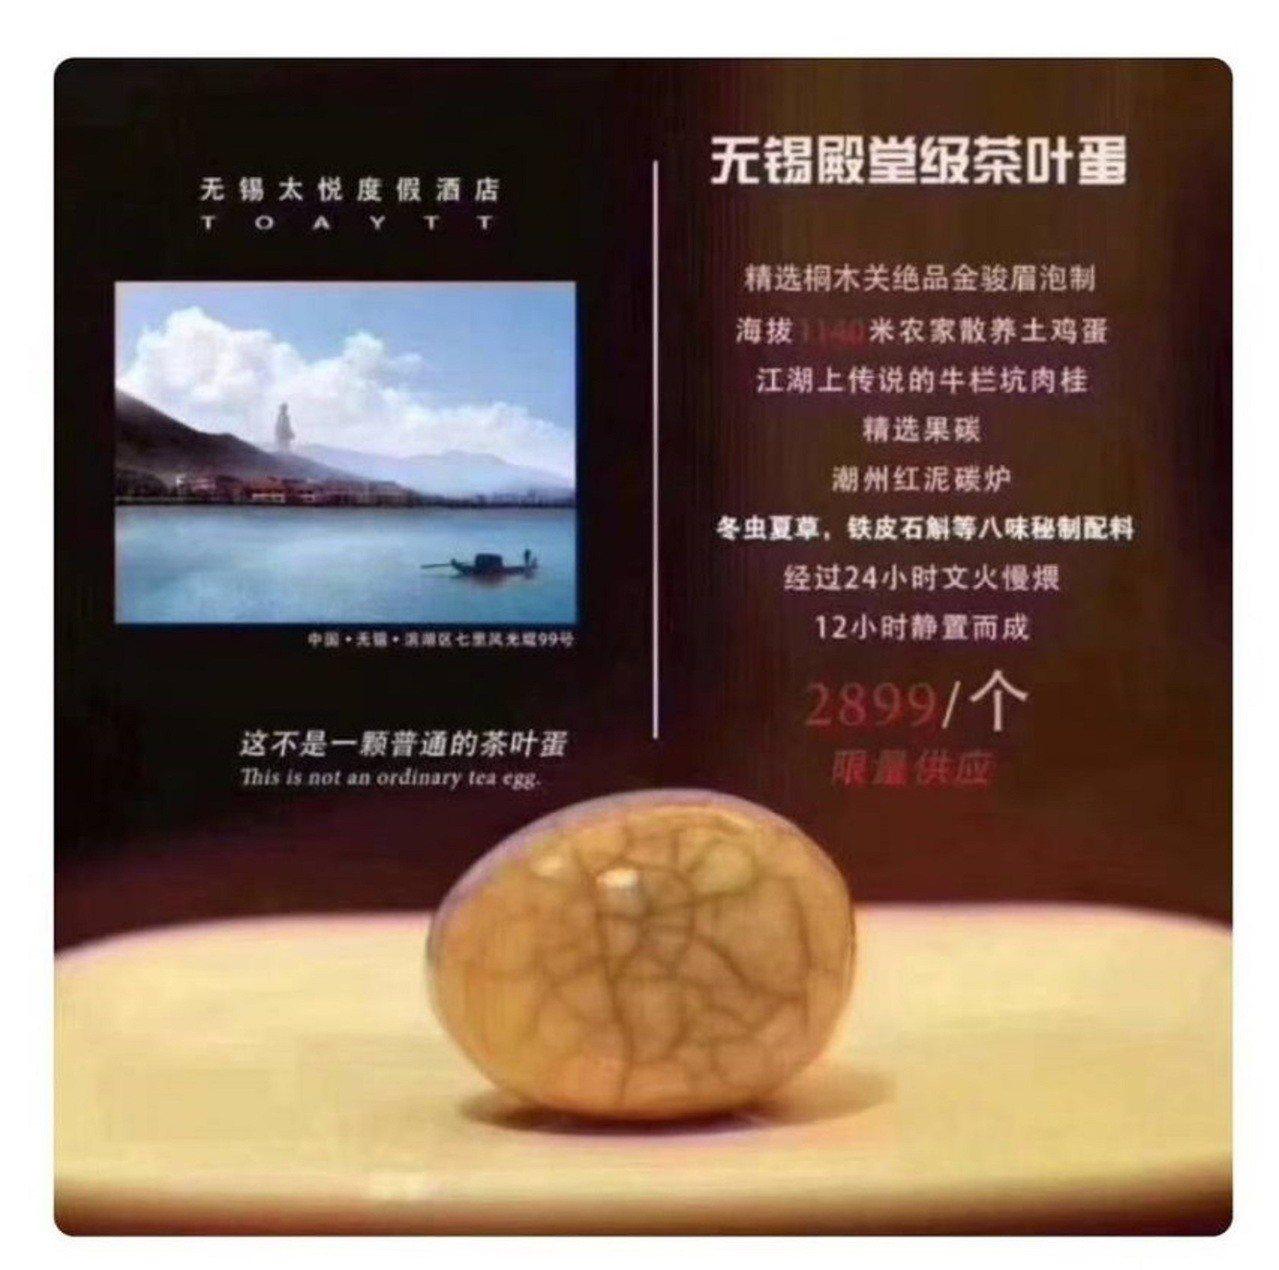 無錫「蟲草茶葉蛋」一顆要價新台幣1.3萬元。北京青年報